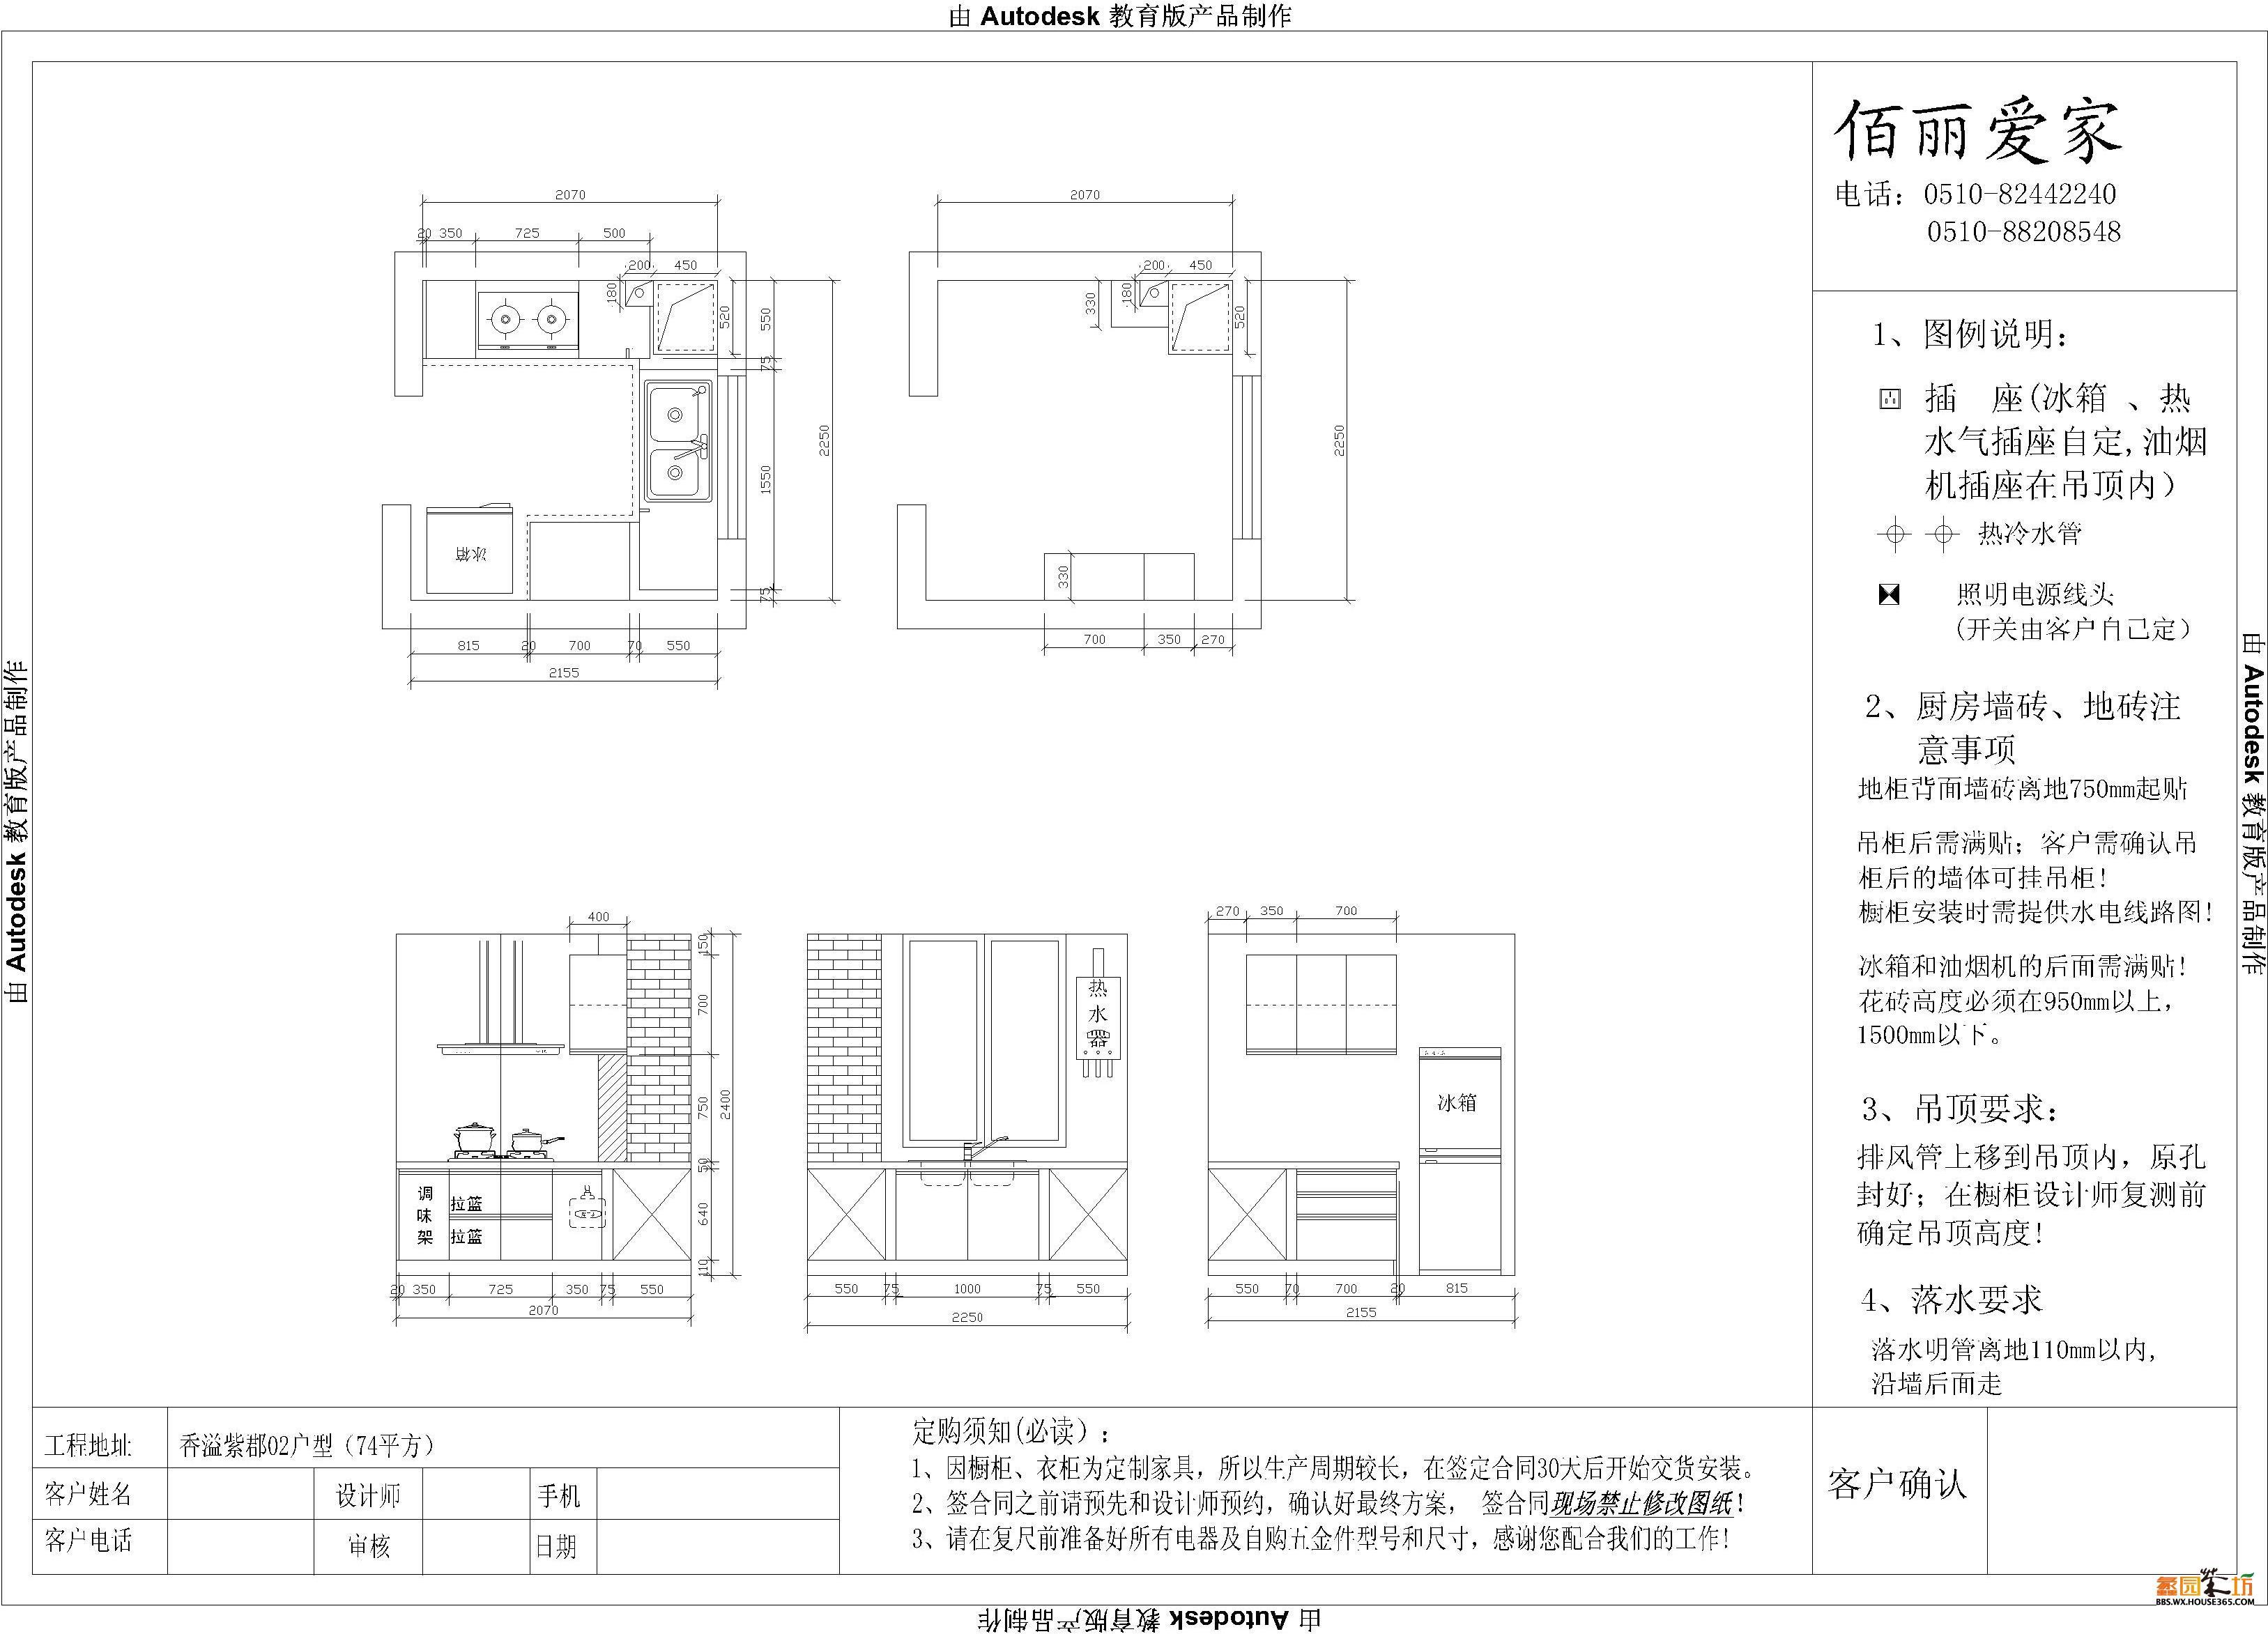 【香溢紫郡】小户型厨房橱柜设计方案新出炉